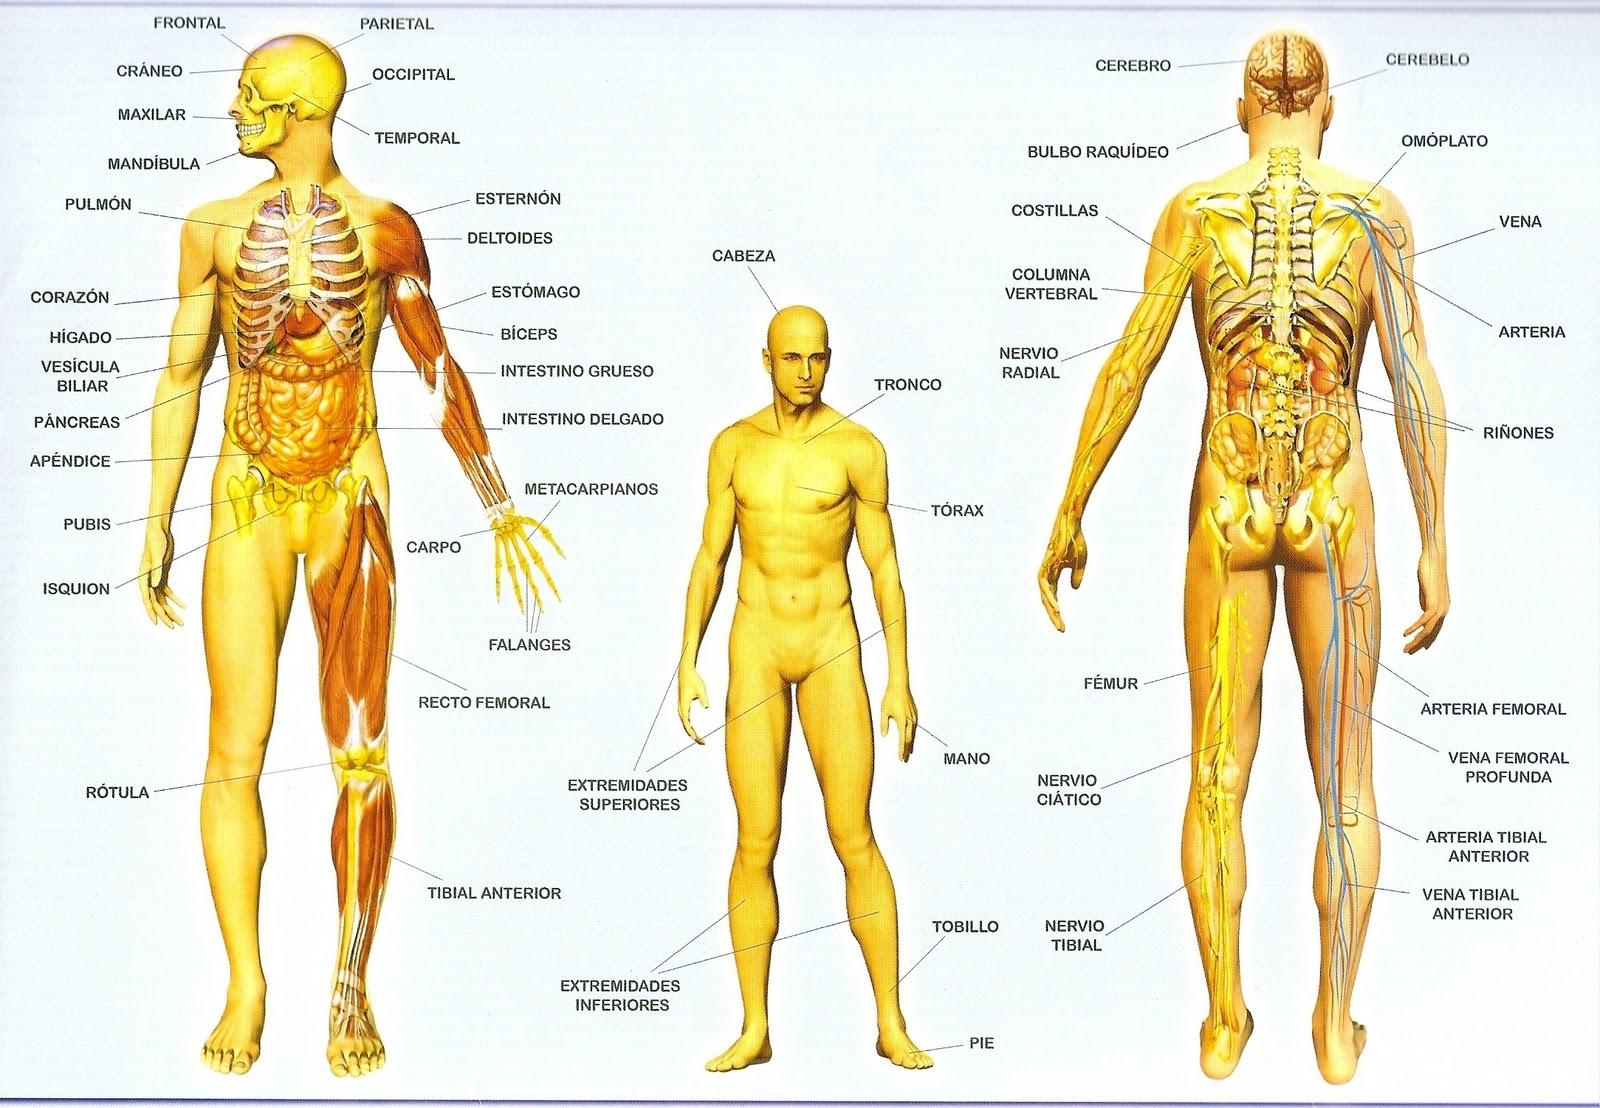 MI RESPUESTA: Sistemas del Cuerpo Humano